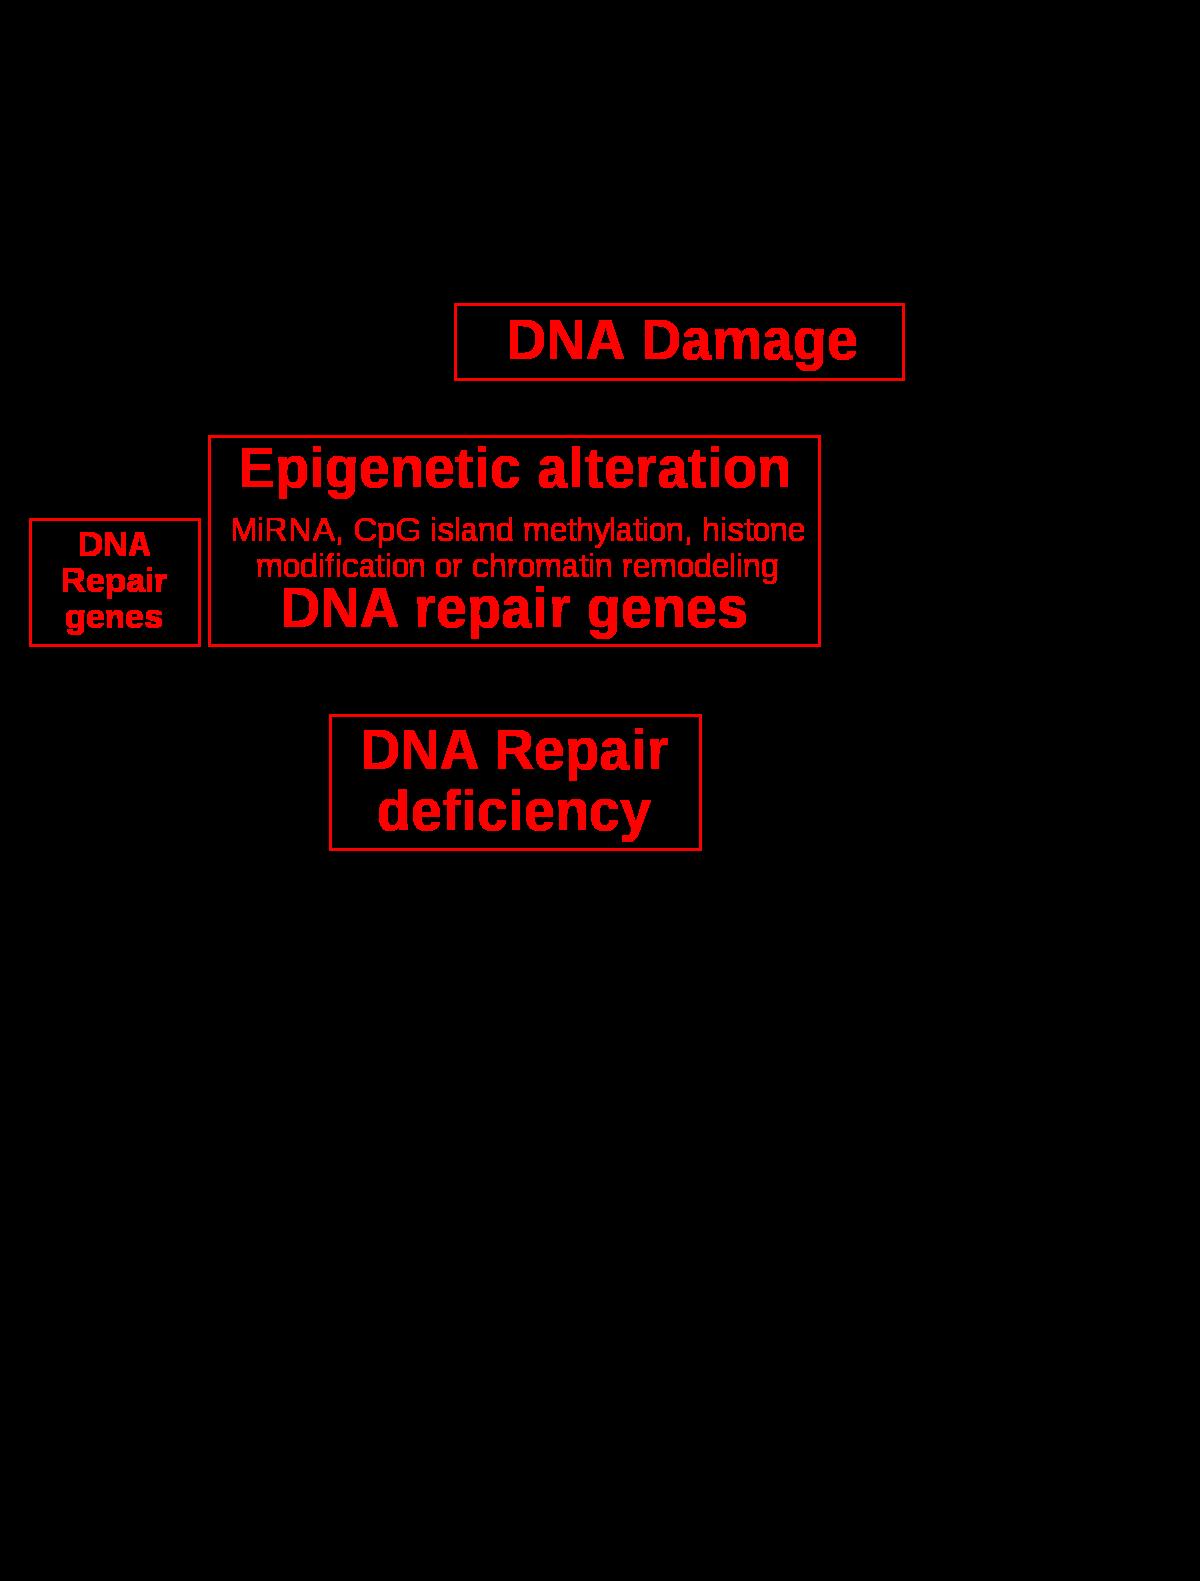 vastagbélrák markerek segítség az enterobiosis kezelésében